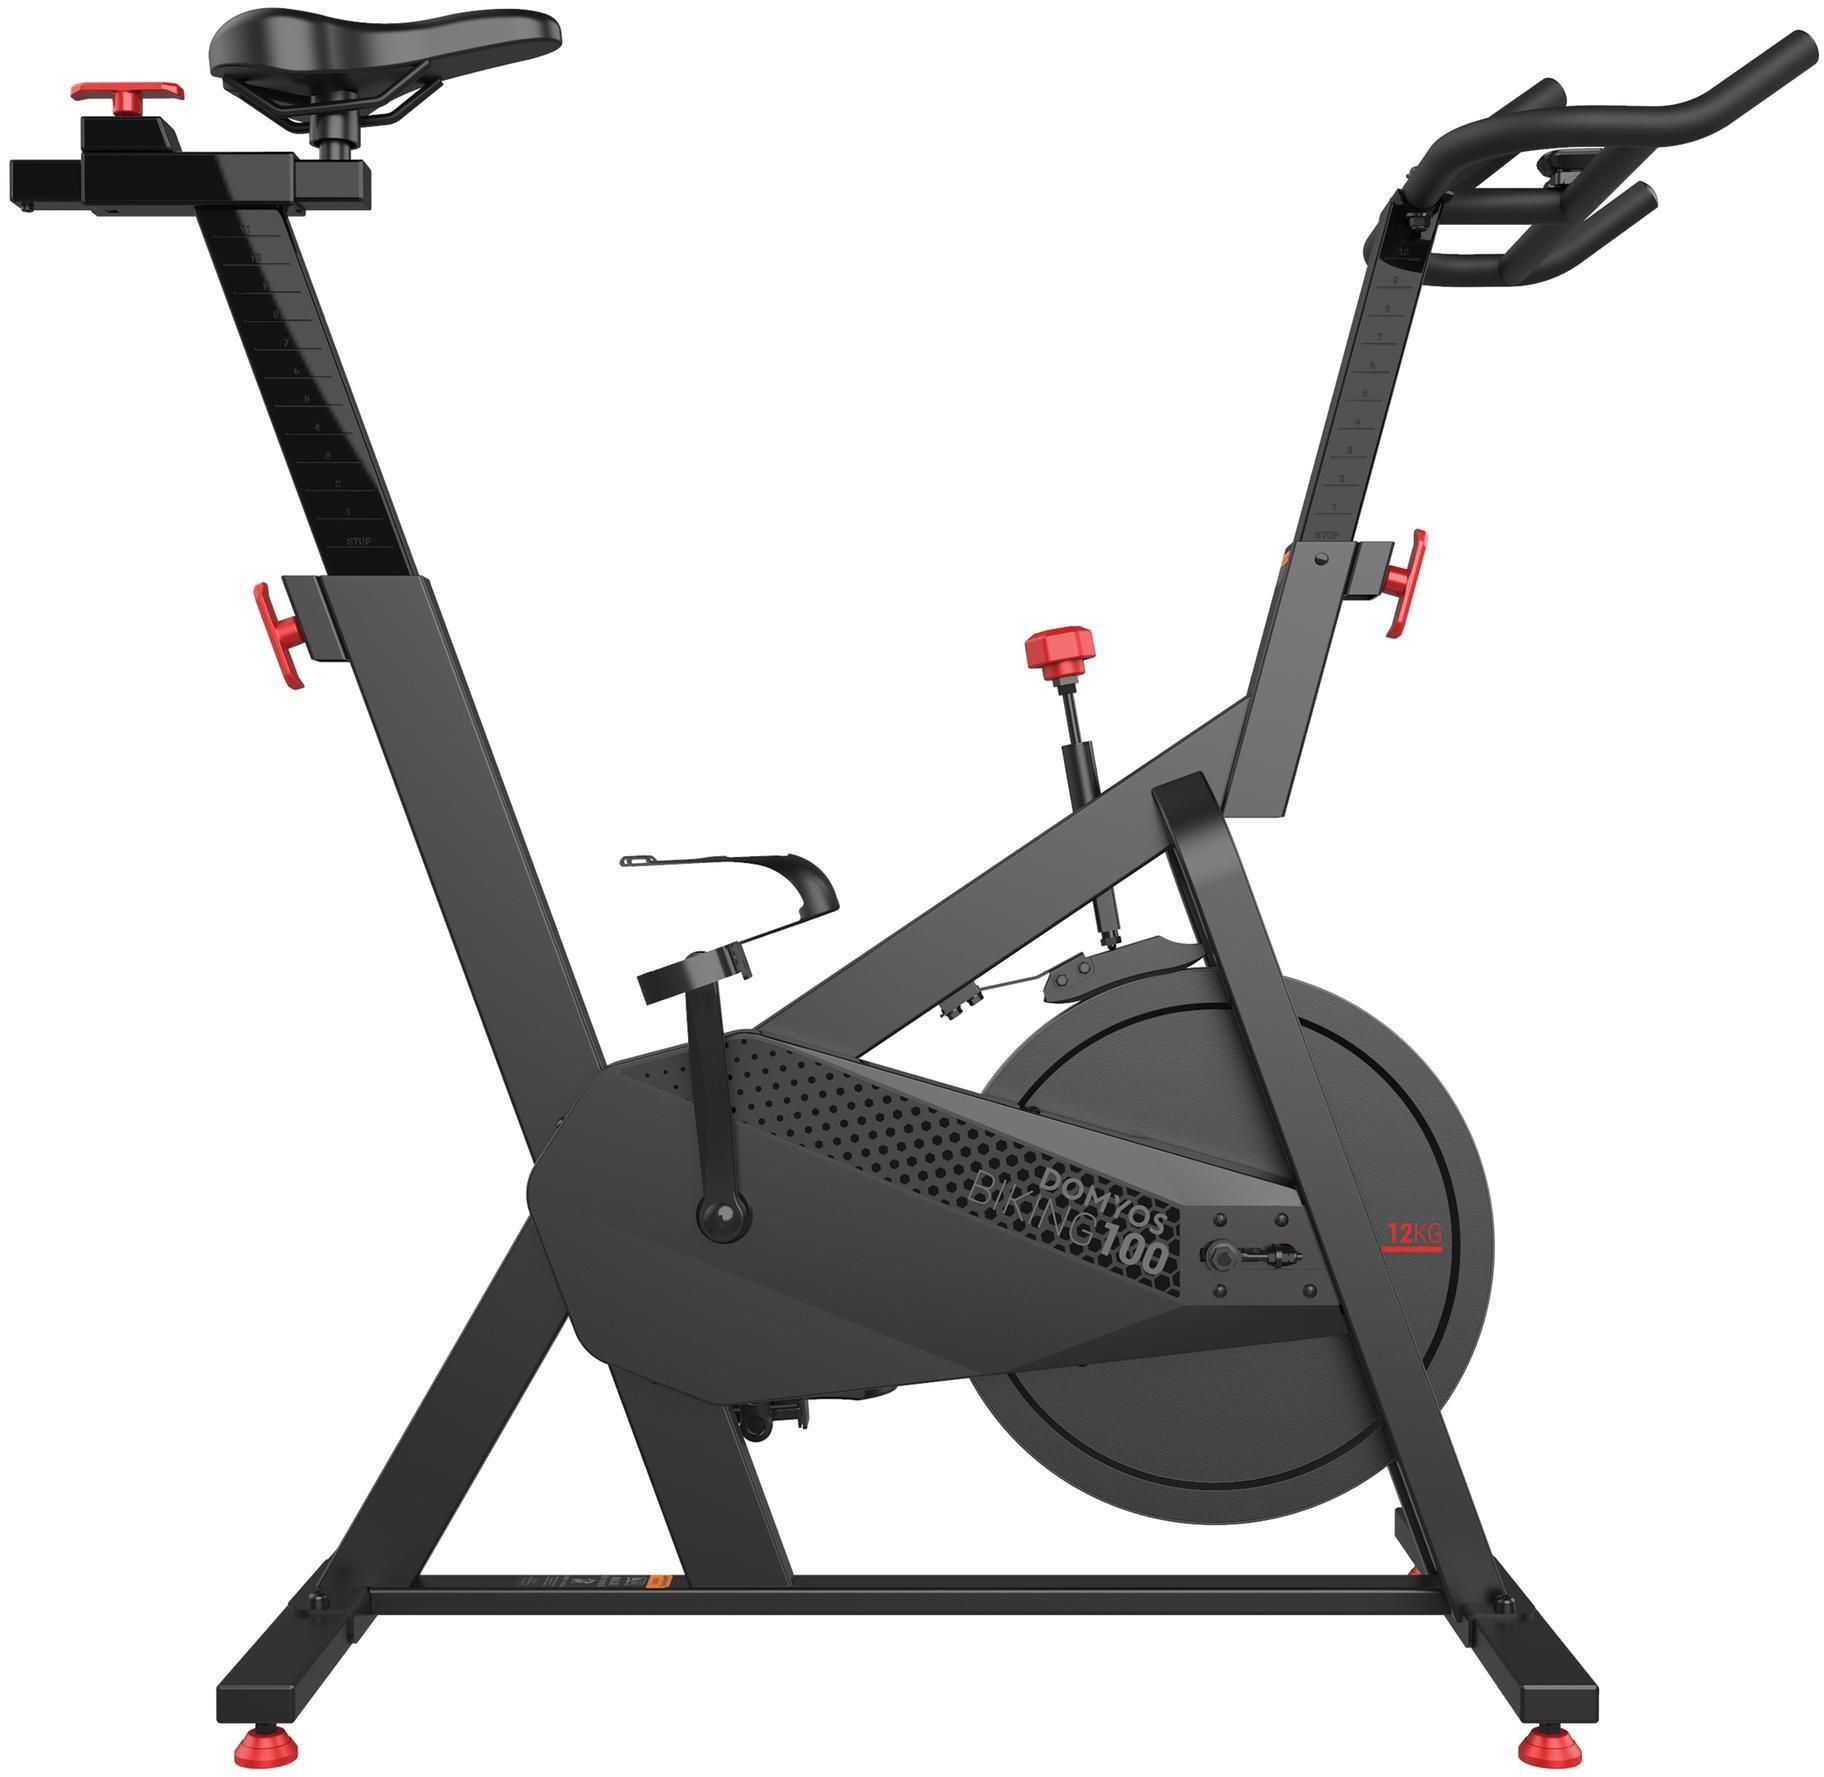 Rower indoor cycling Domyos Essential 100